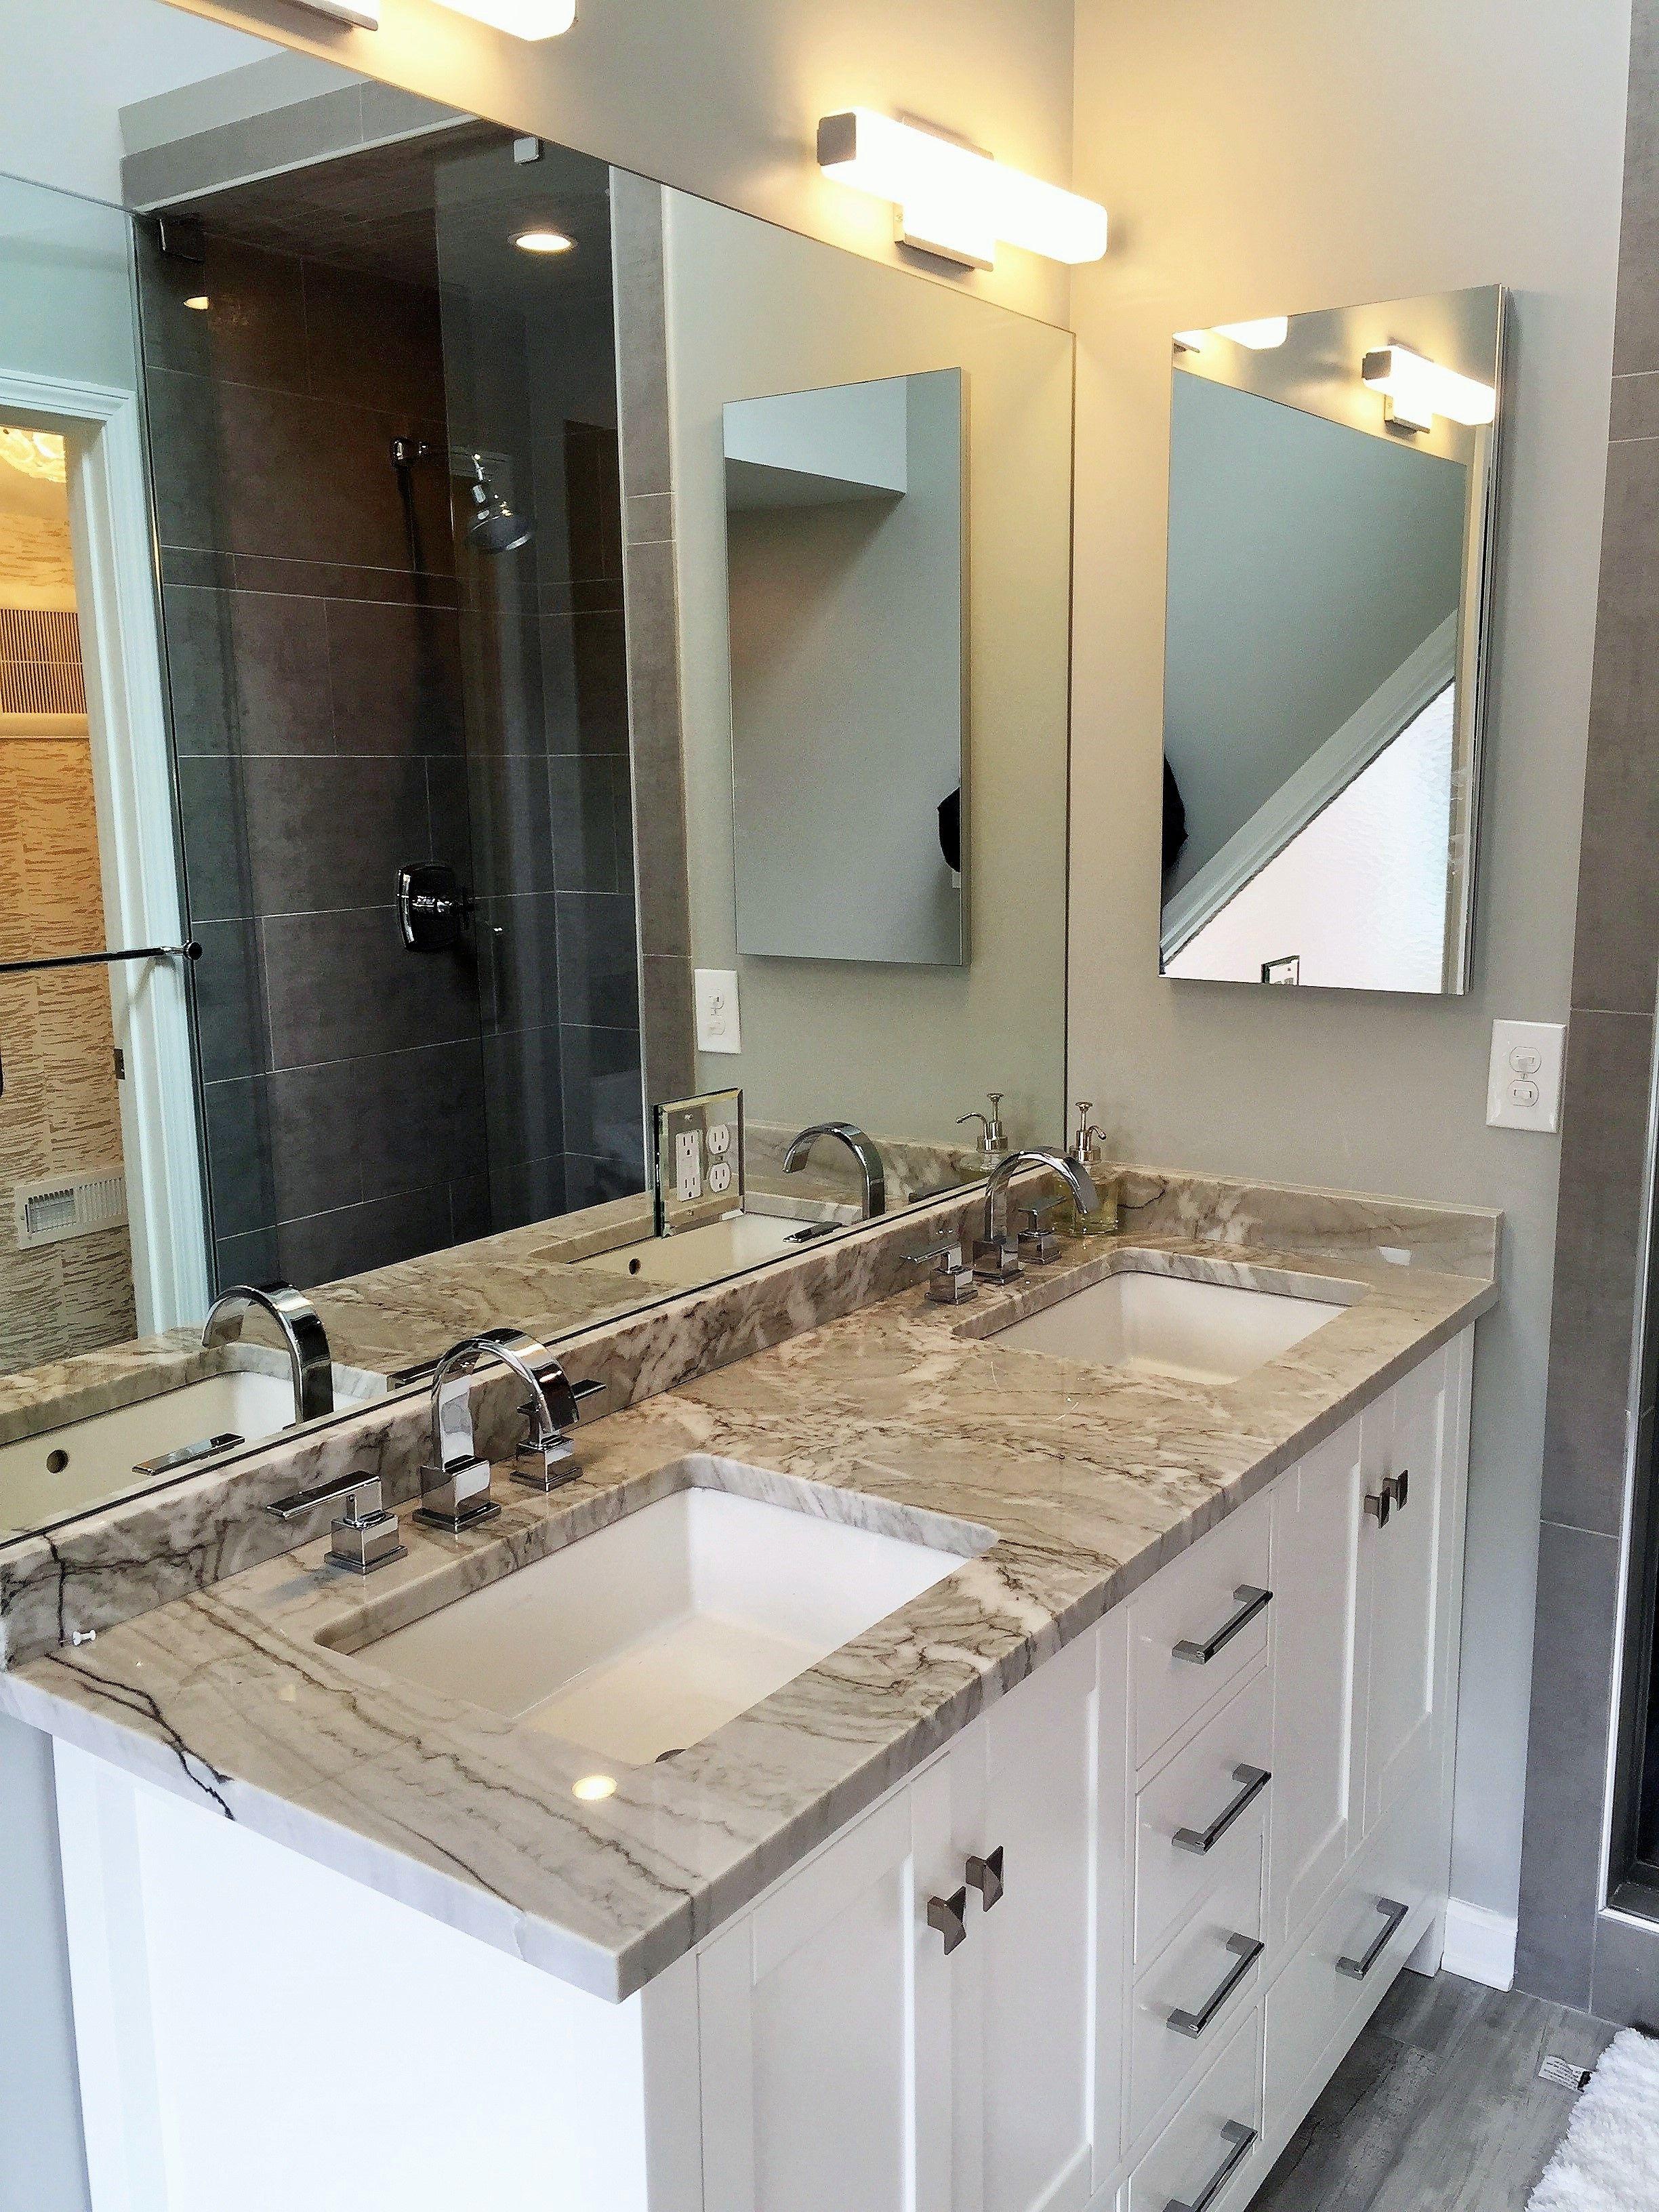 Bathroom renovation by Atlanta general contractor, Penn ...